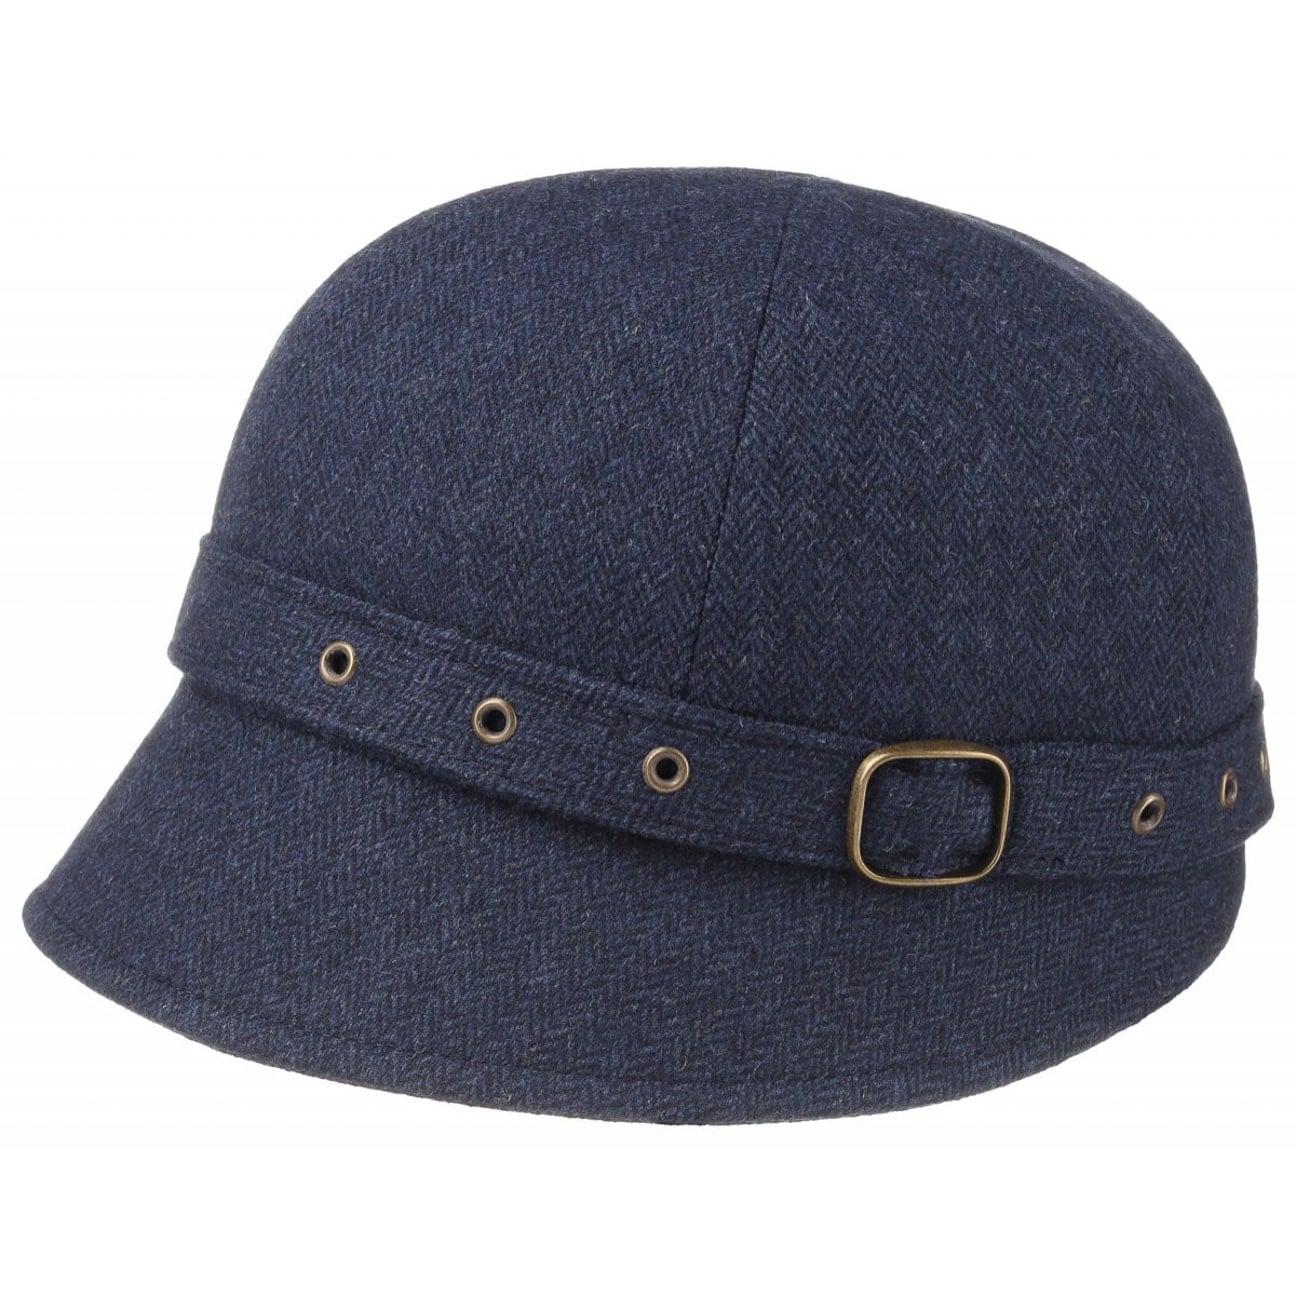 Sombrero Cloch? de Lana Birgit by Bront?  sombrero de lana